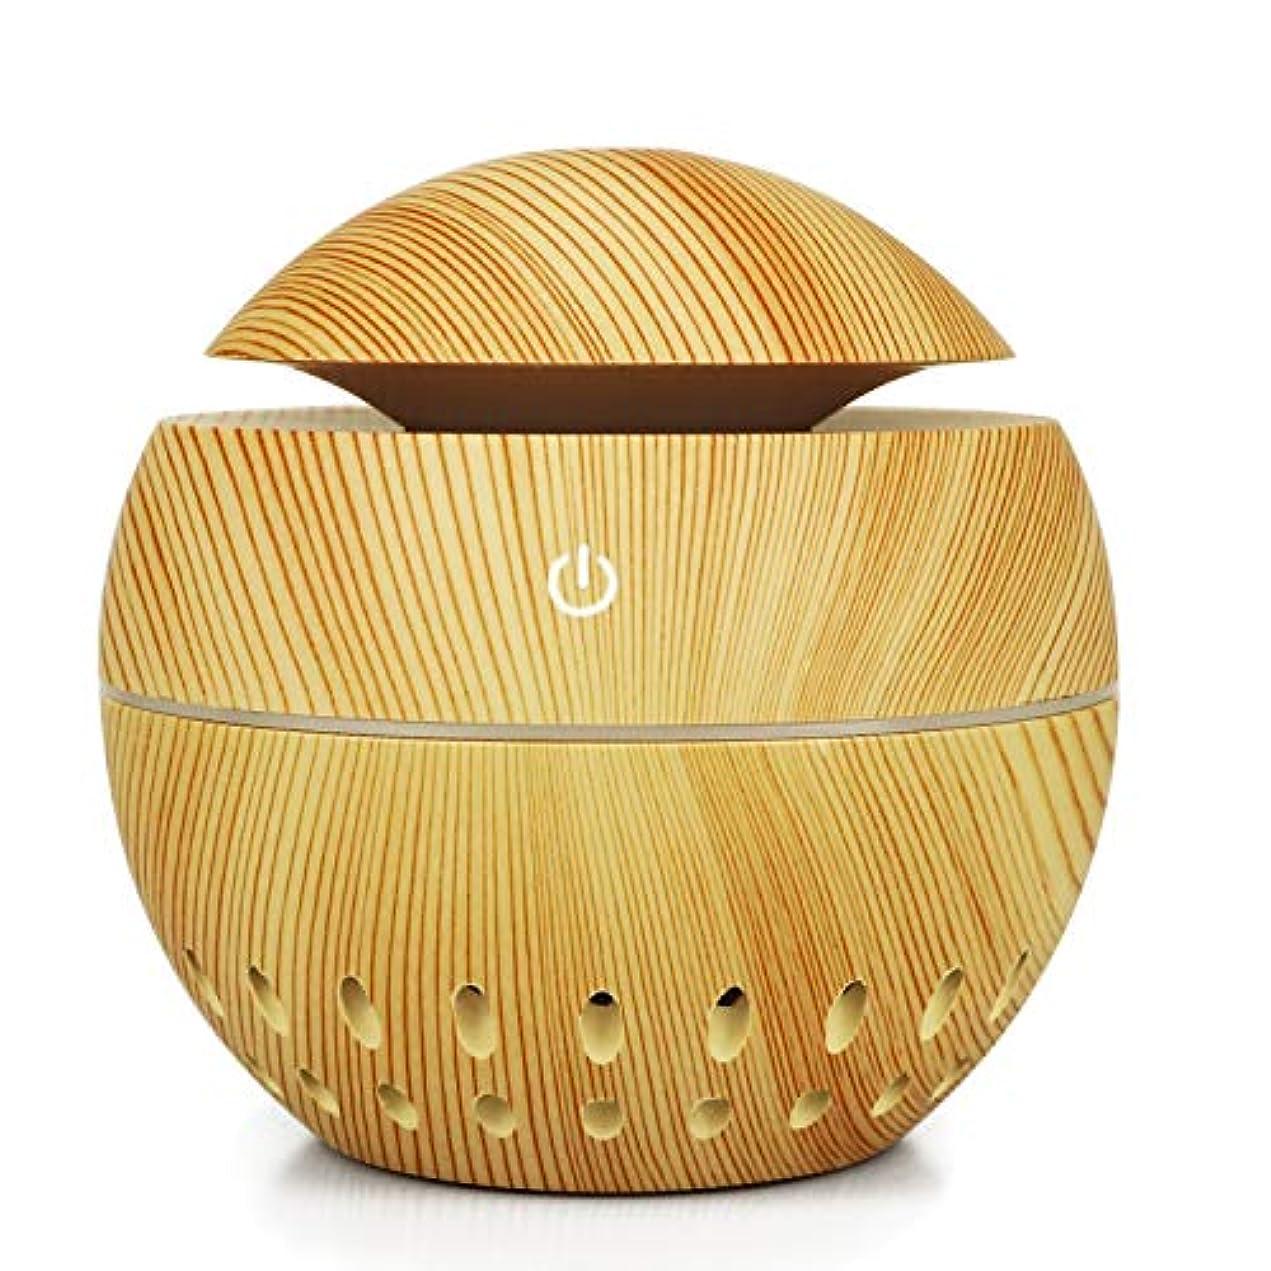 放映汗現実には加湿器USBウッドグレイン中空加湿器きのこマシン総本店小型家電、ブラウン (Color : Brass)